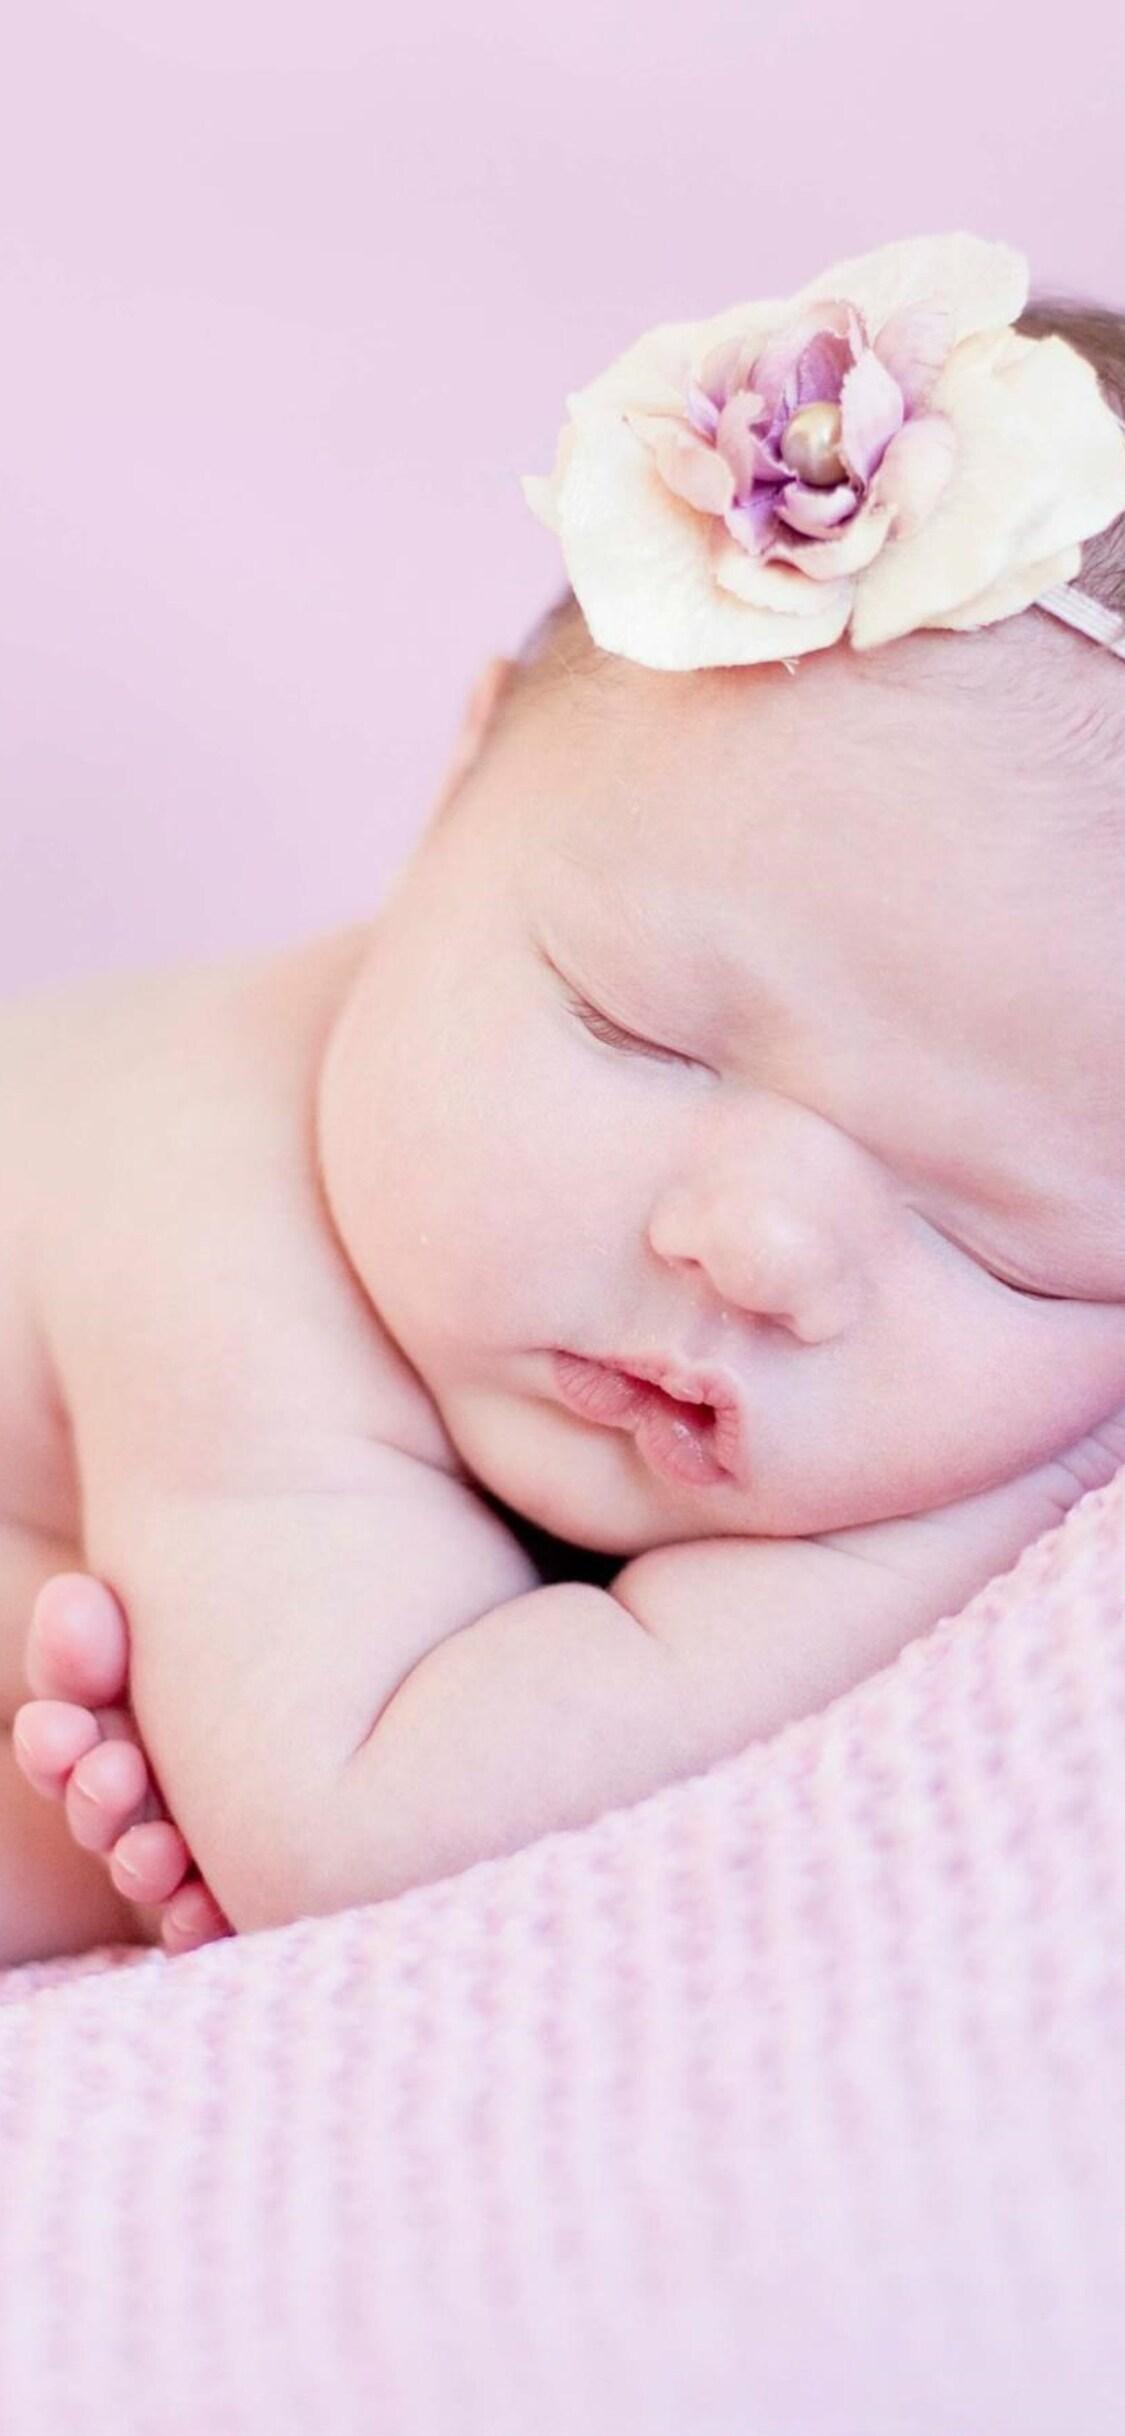 Newborn baby cute iphone xsiphone 10iphone x